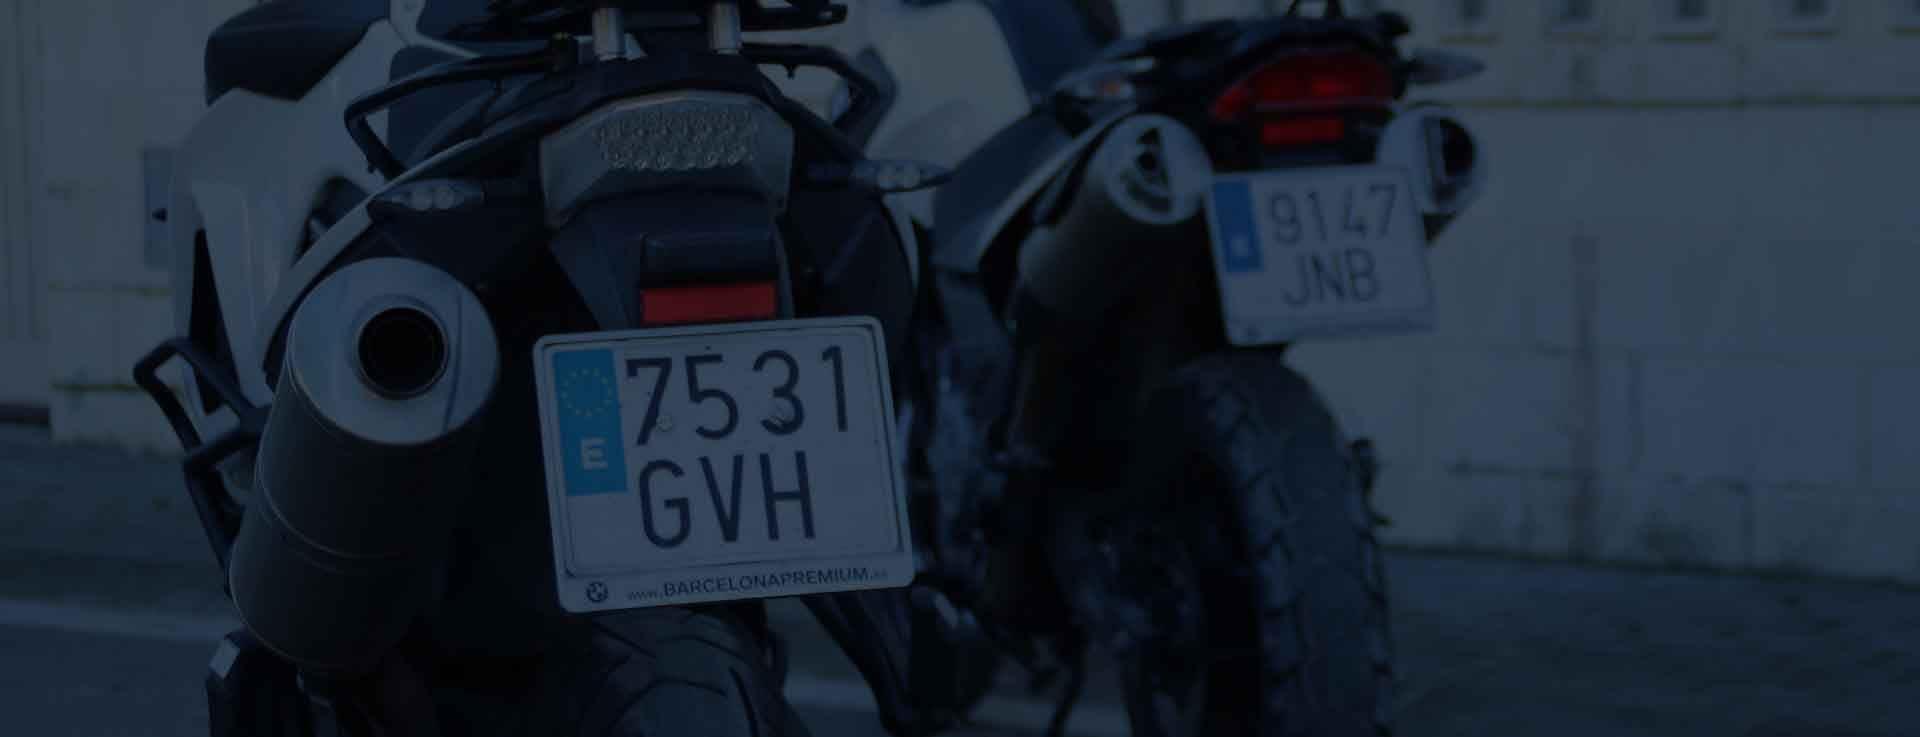 Alquila una BMW GS